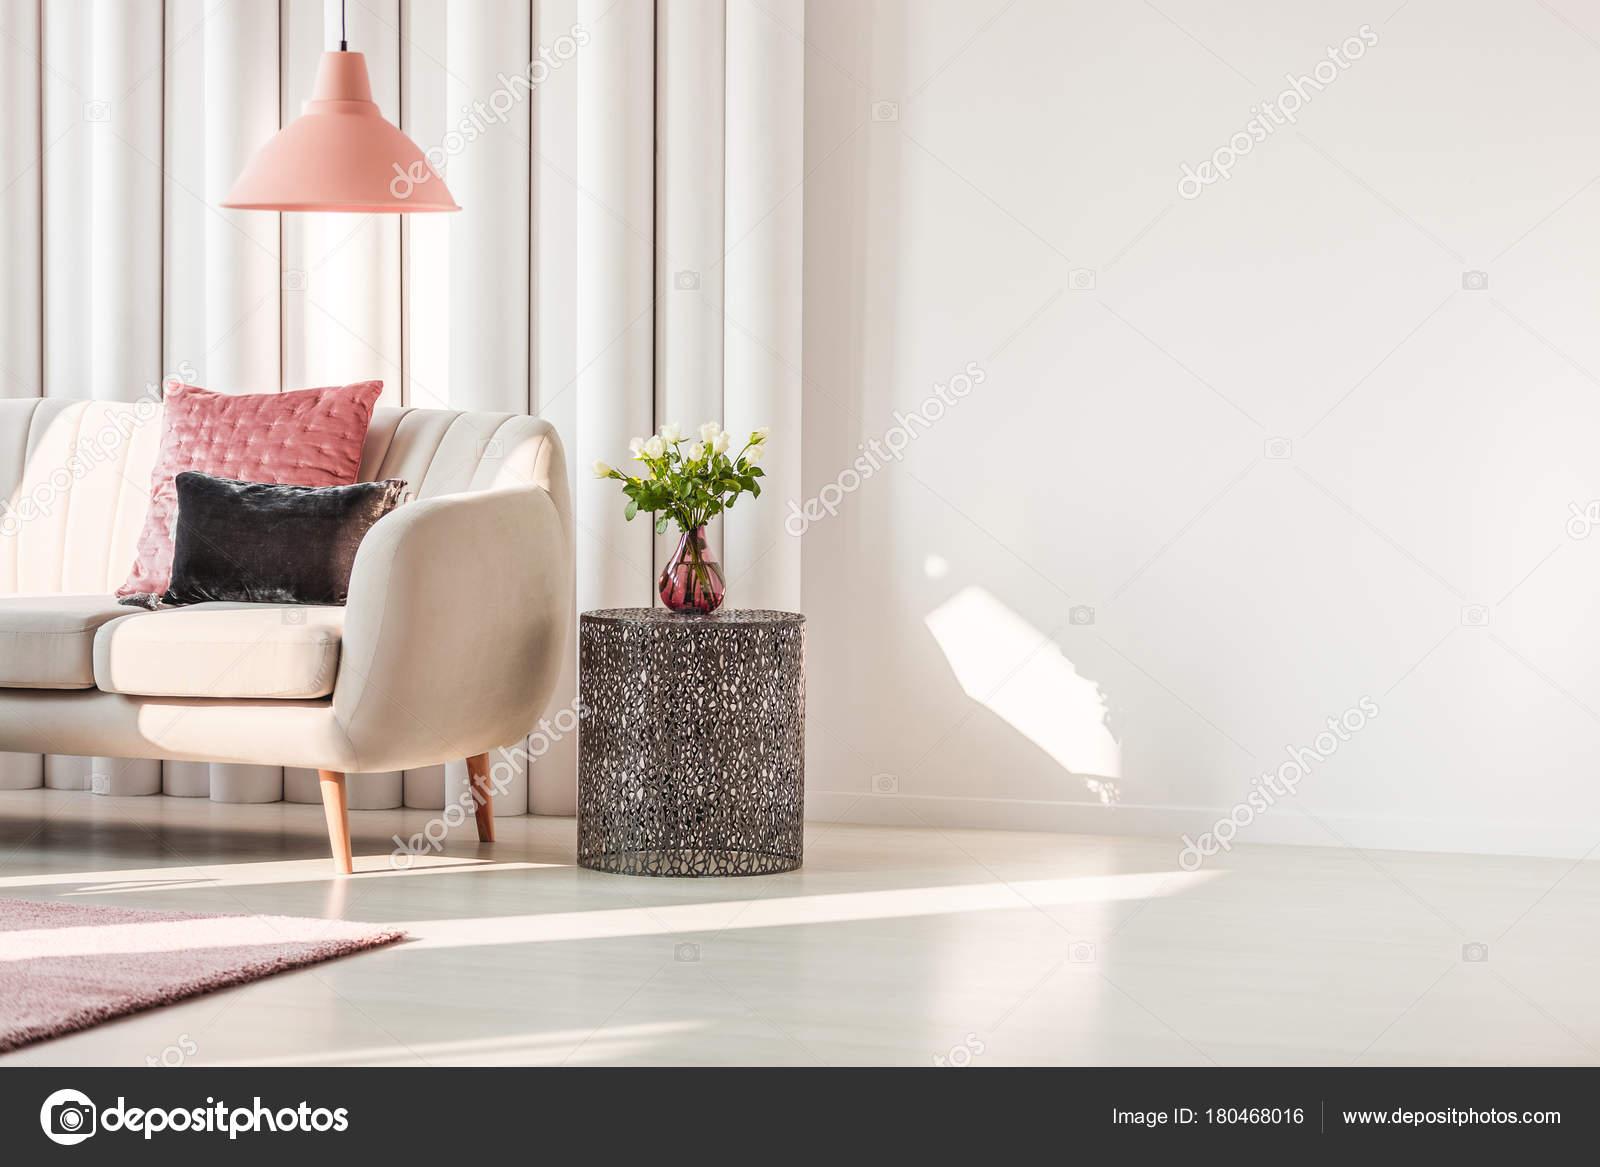 Einfache Wohnzimmer Interieur Mit Rosa Und Grauen Kissen Auf Beige Sofa Und  Rosen Auf Metall Tisch U2014 Foto Von Photographee.eu